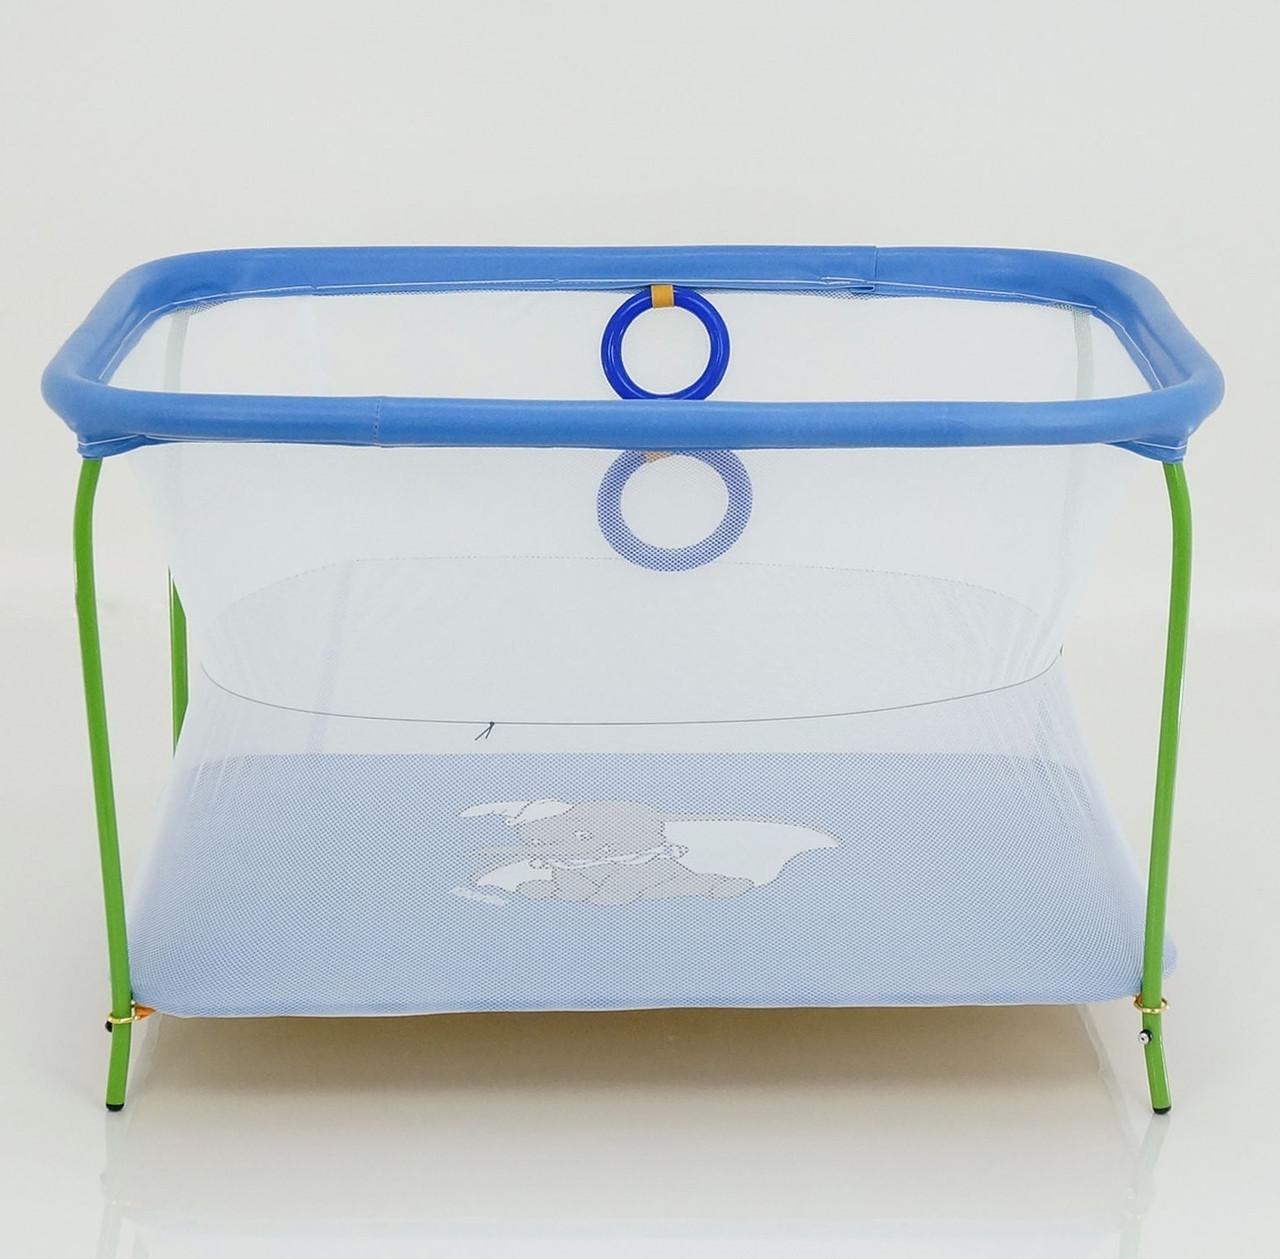 Люкс Манеж Люкс №10 Слоник Blue (49070)